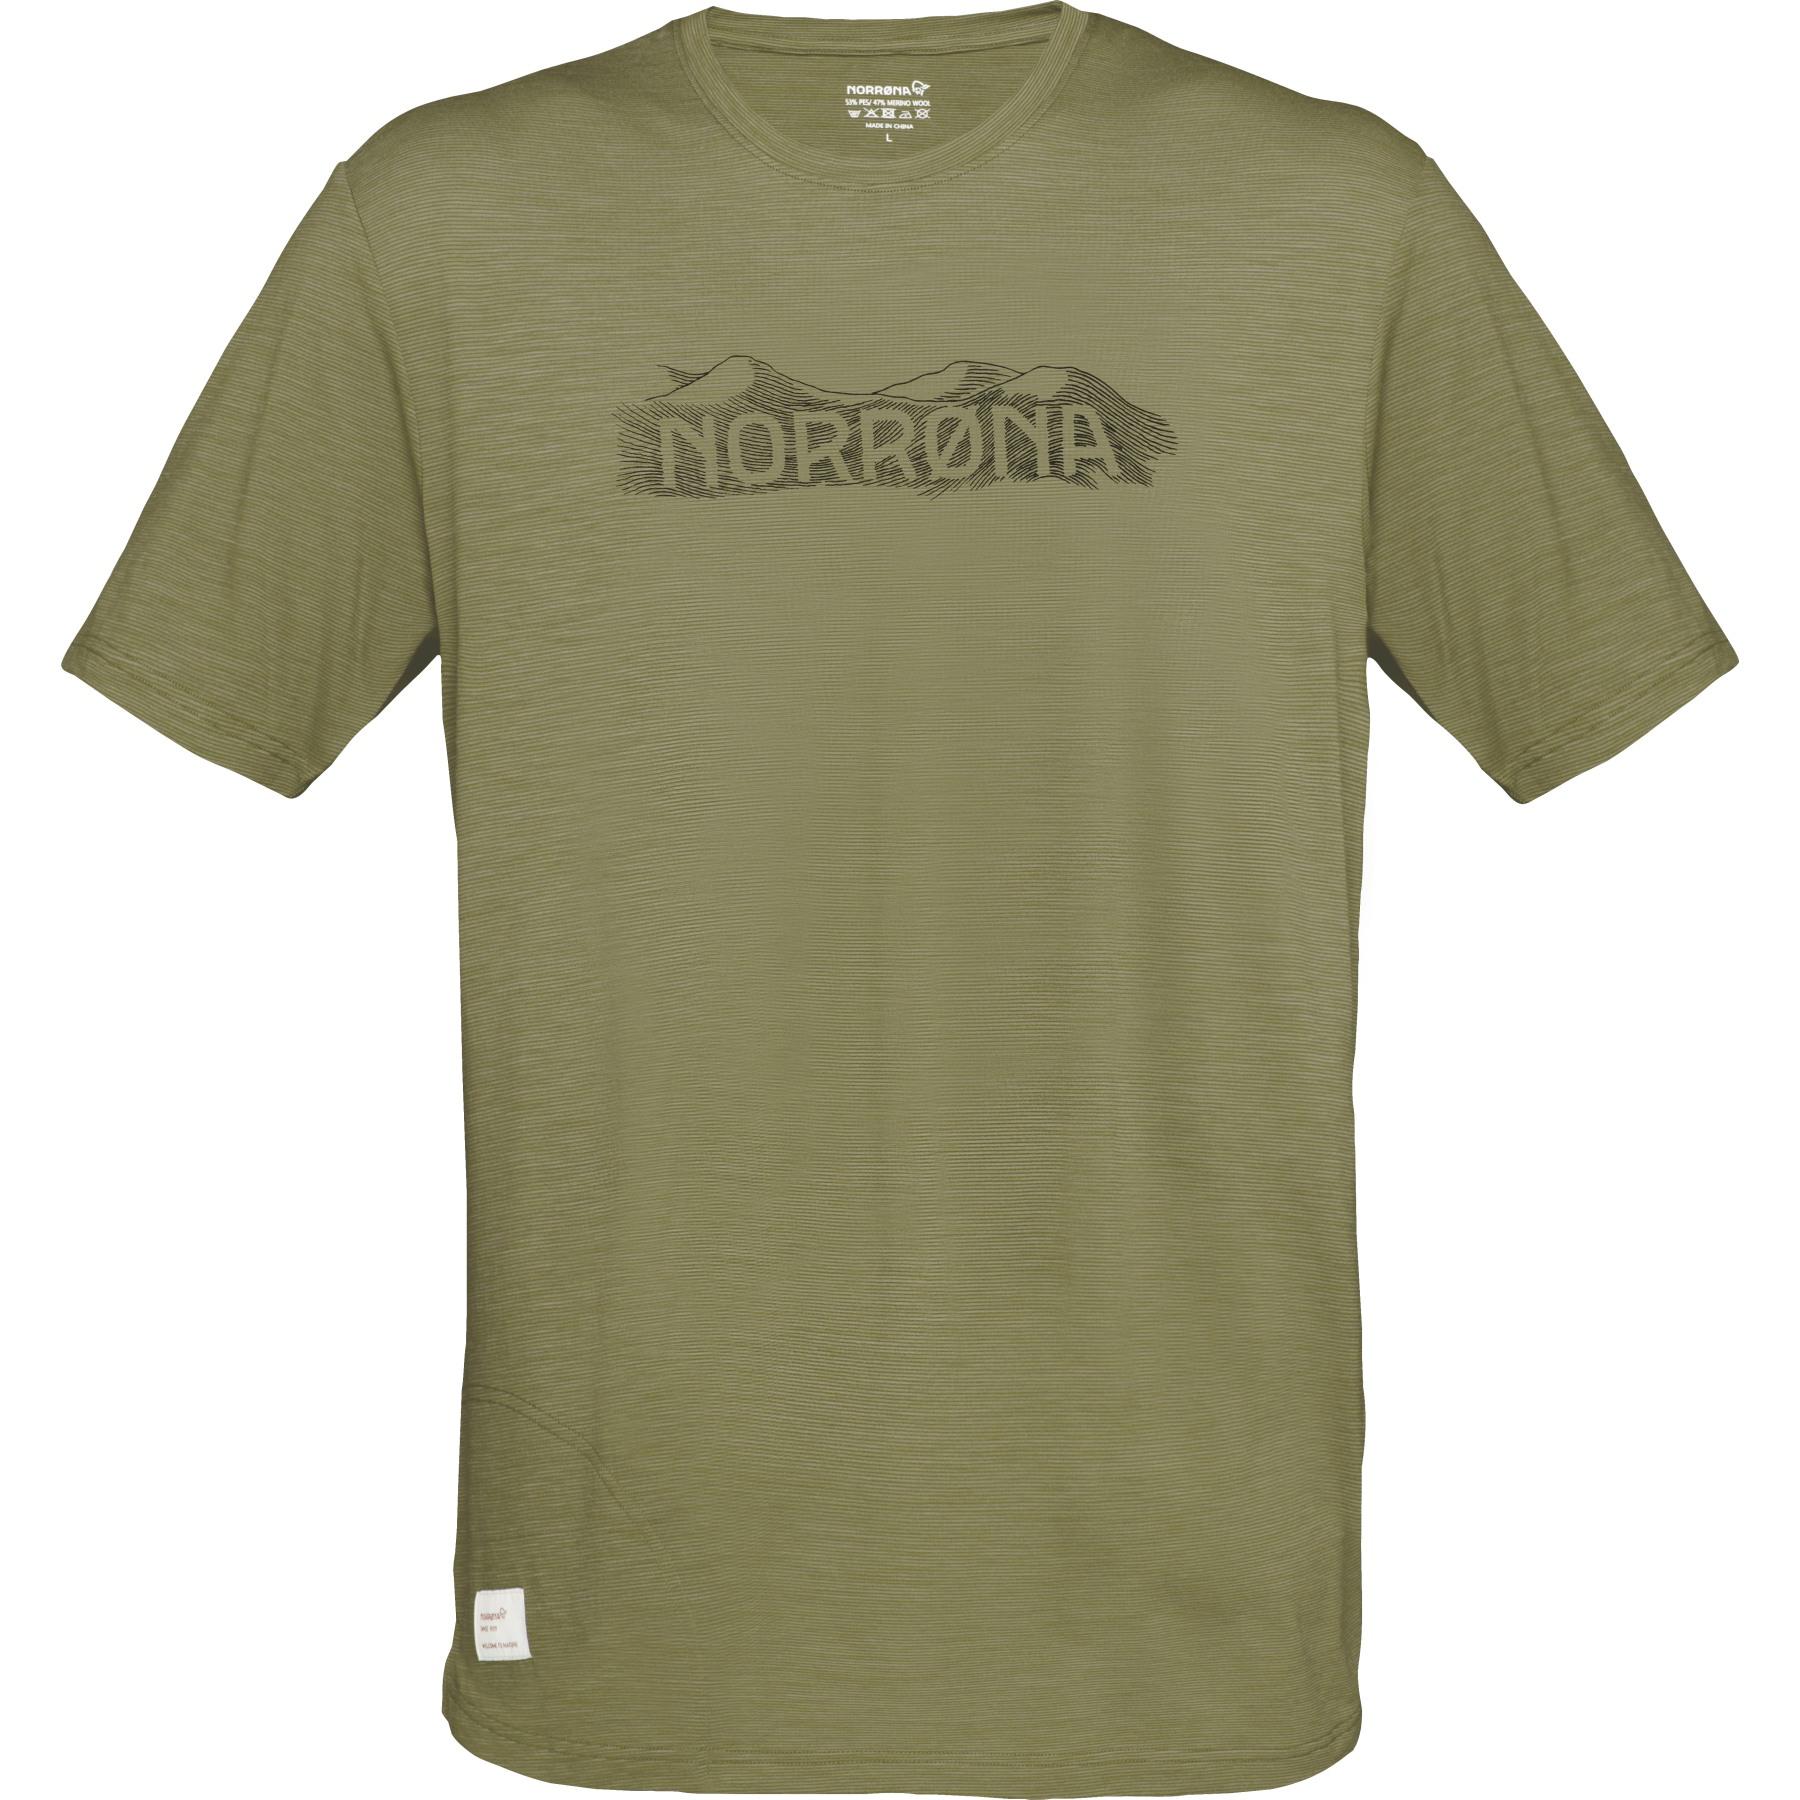 Norrona svalbard Wool T-Shirt Men - Olive Drab/Caviar